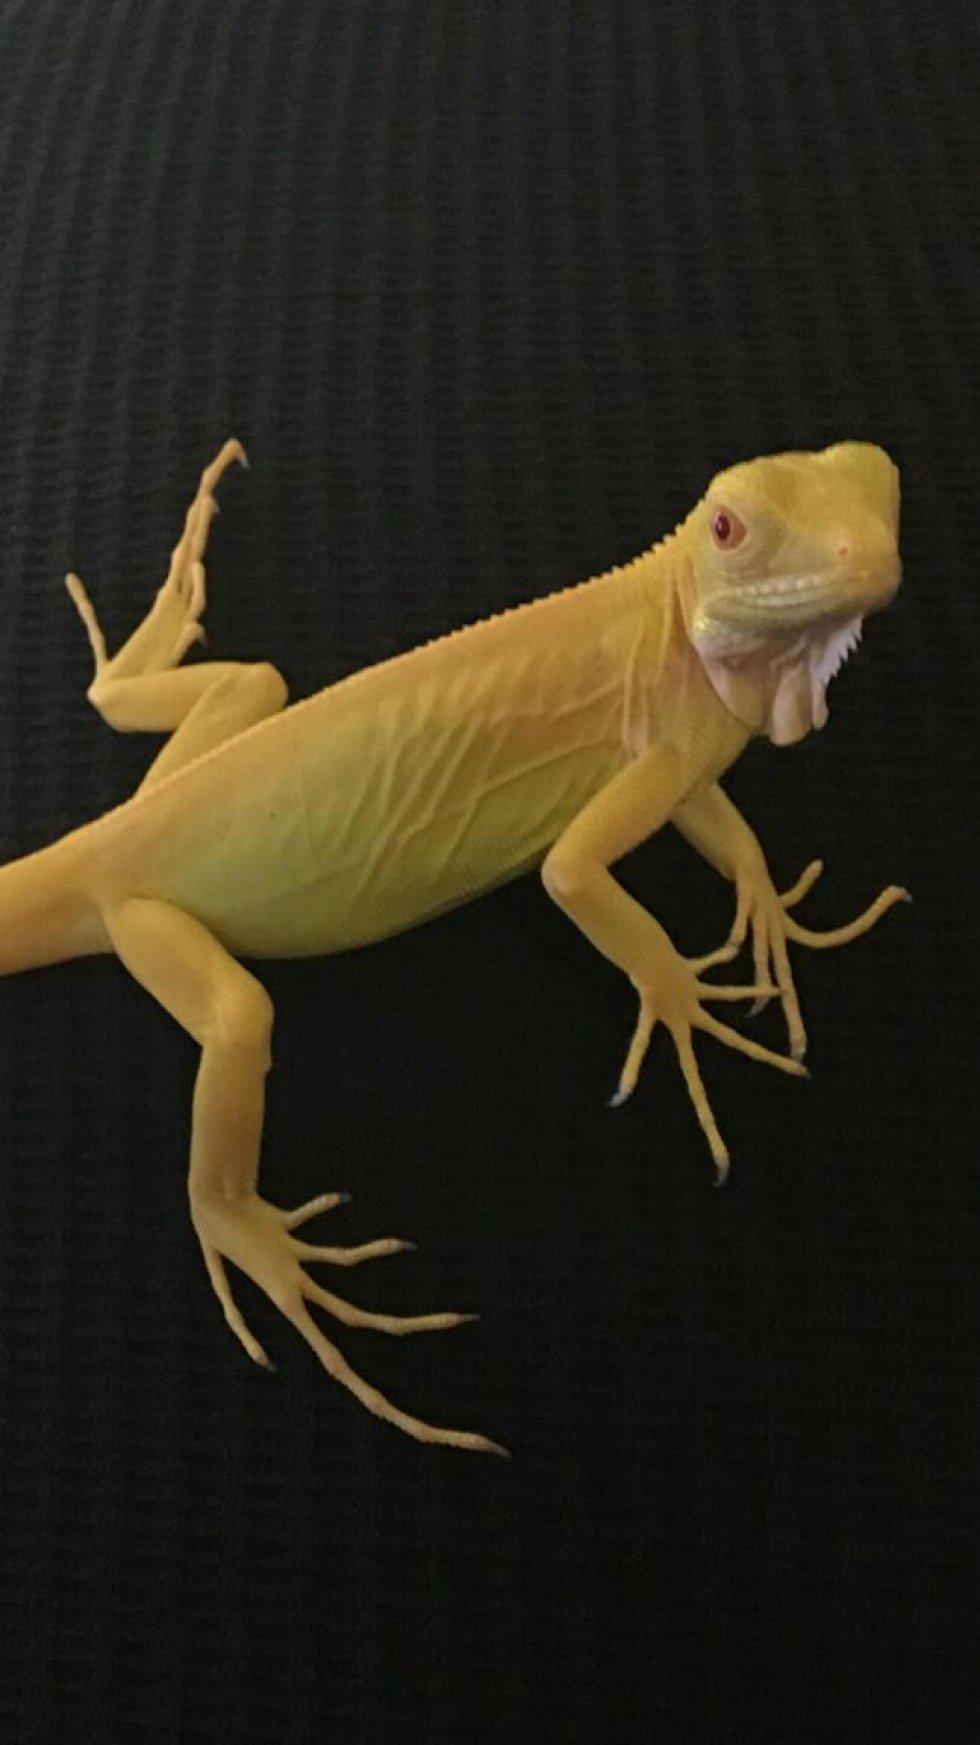 Baby Albino Iguana